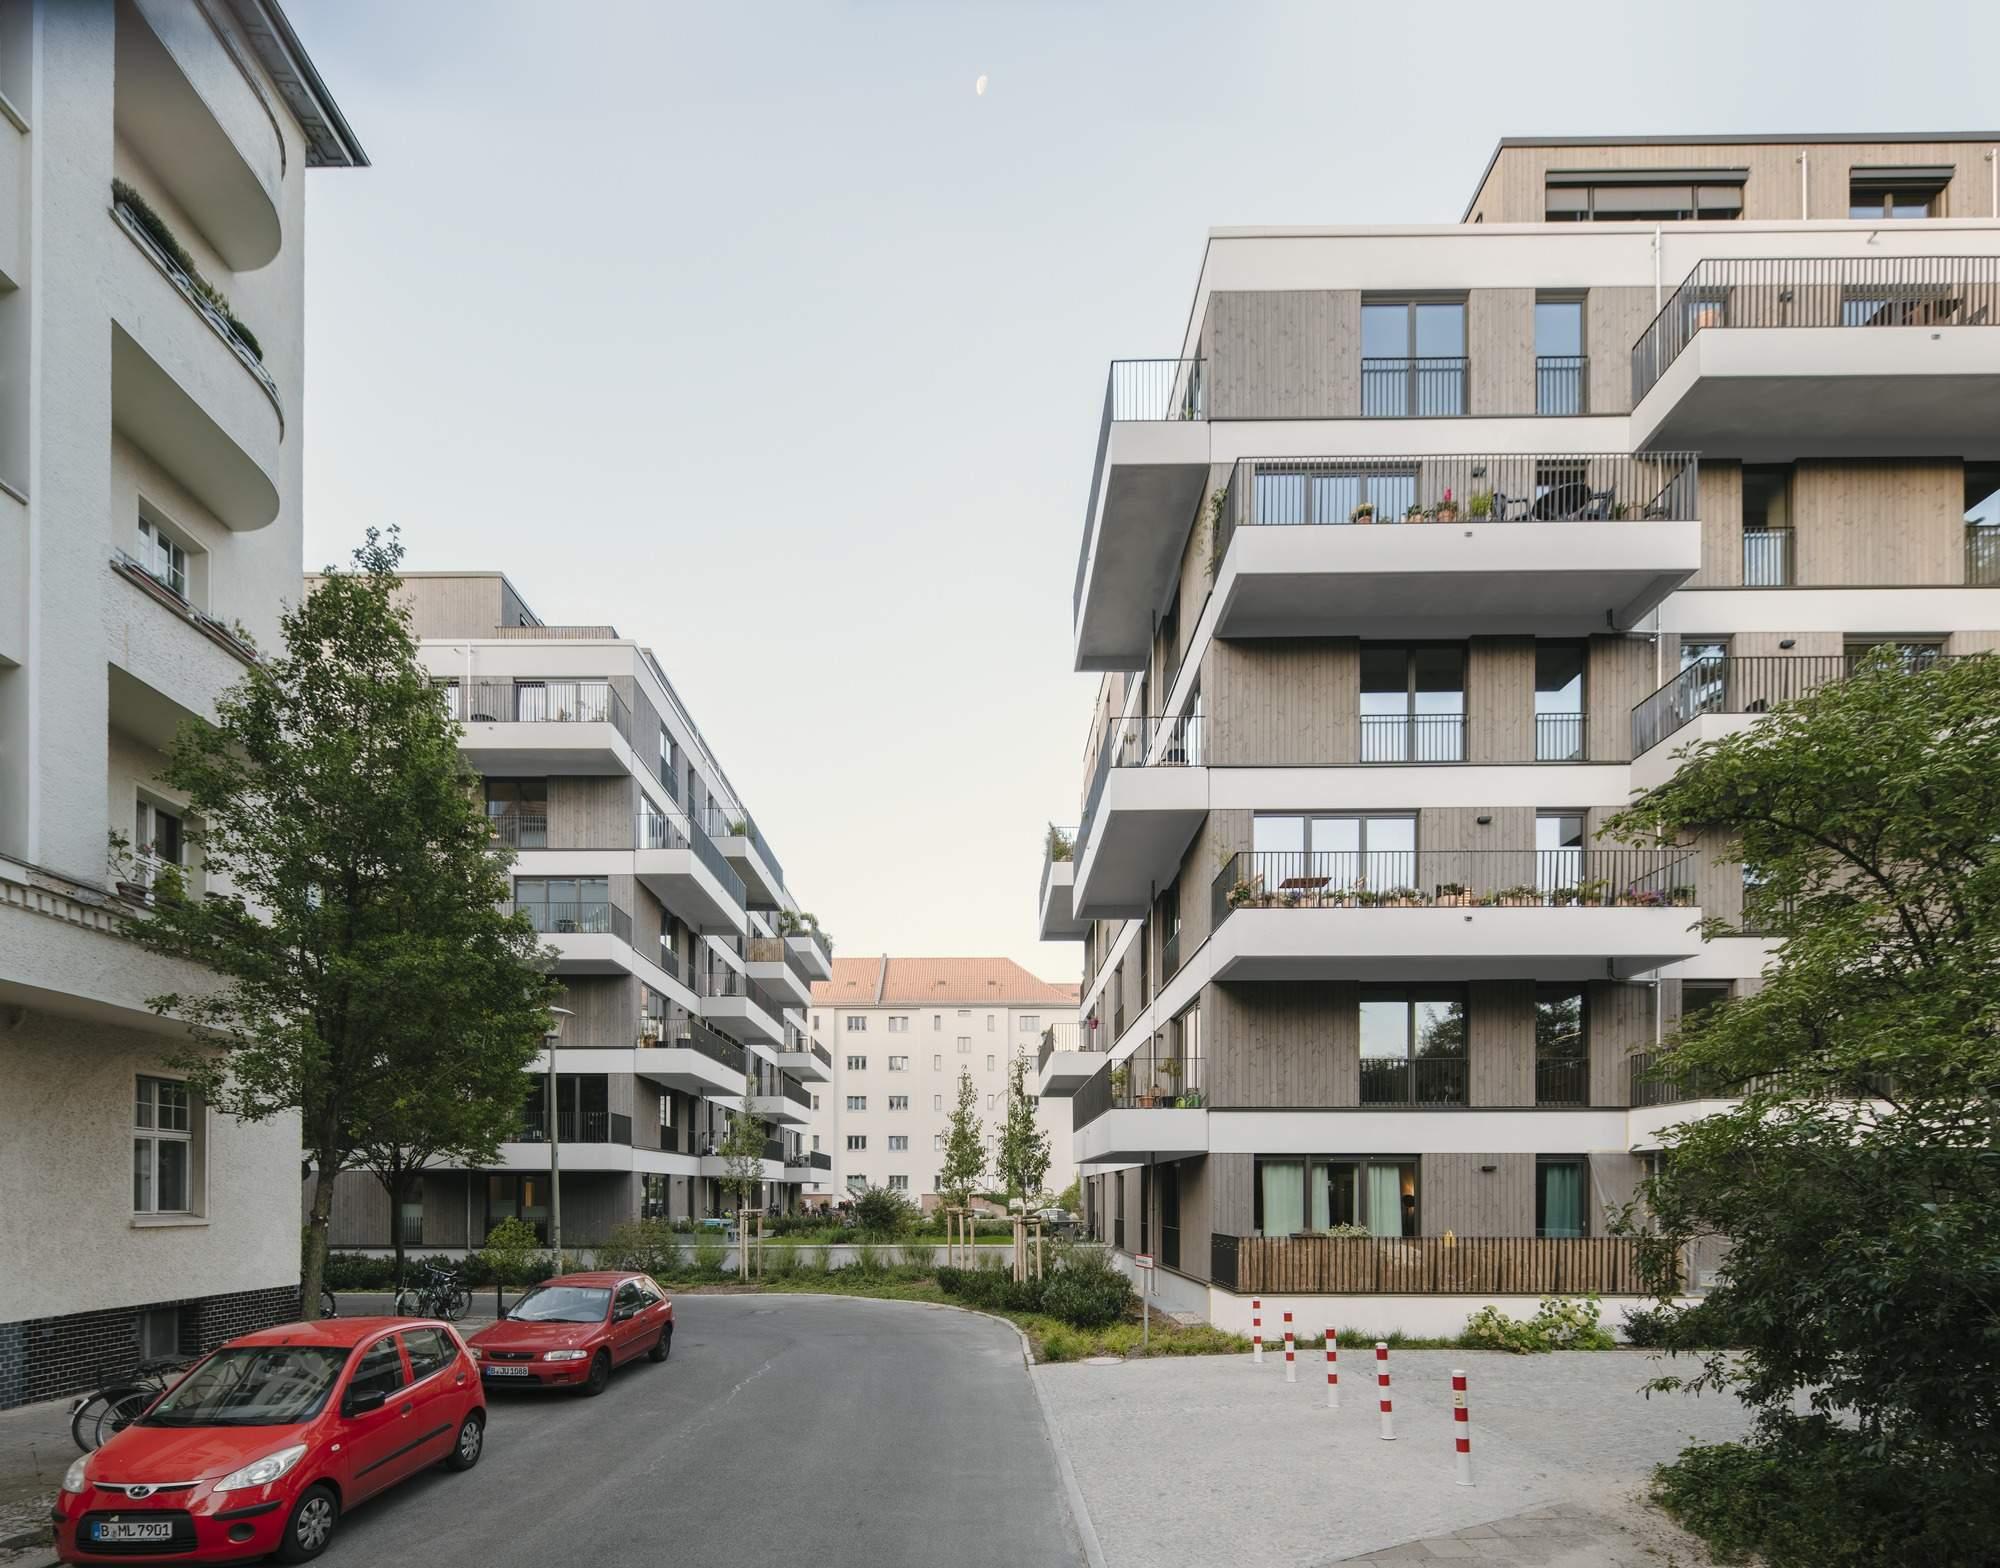 Современный жилой комплекс Schmollerplatz в Берлине, Германия